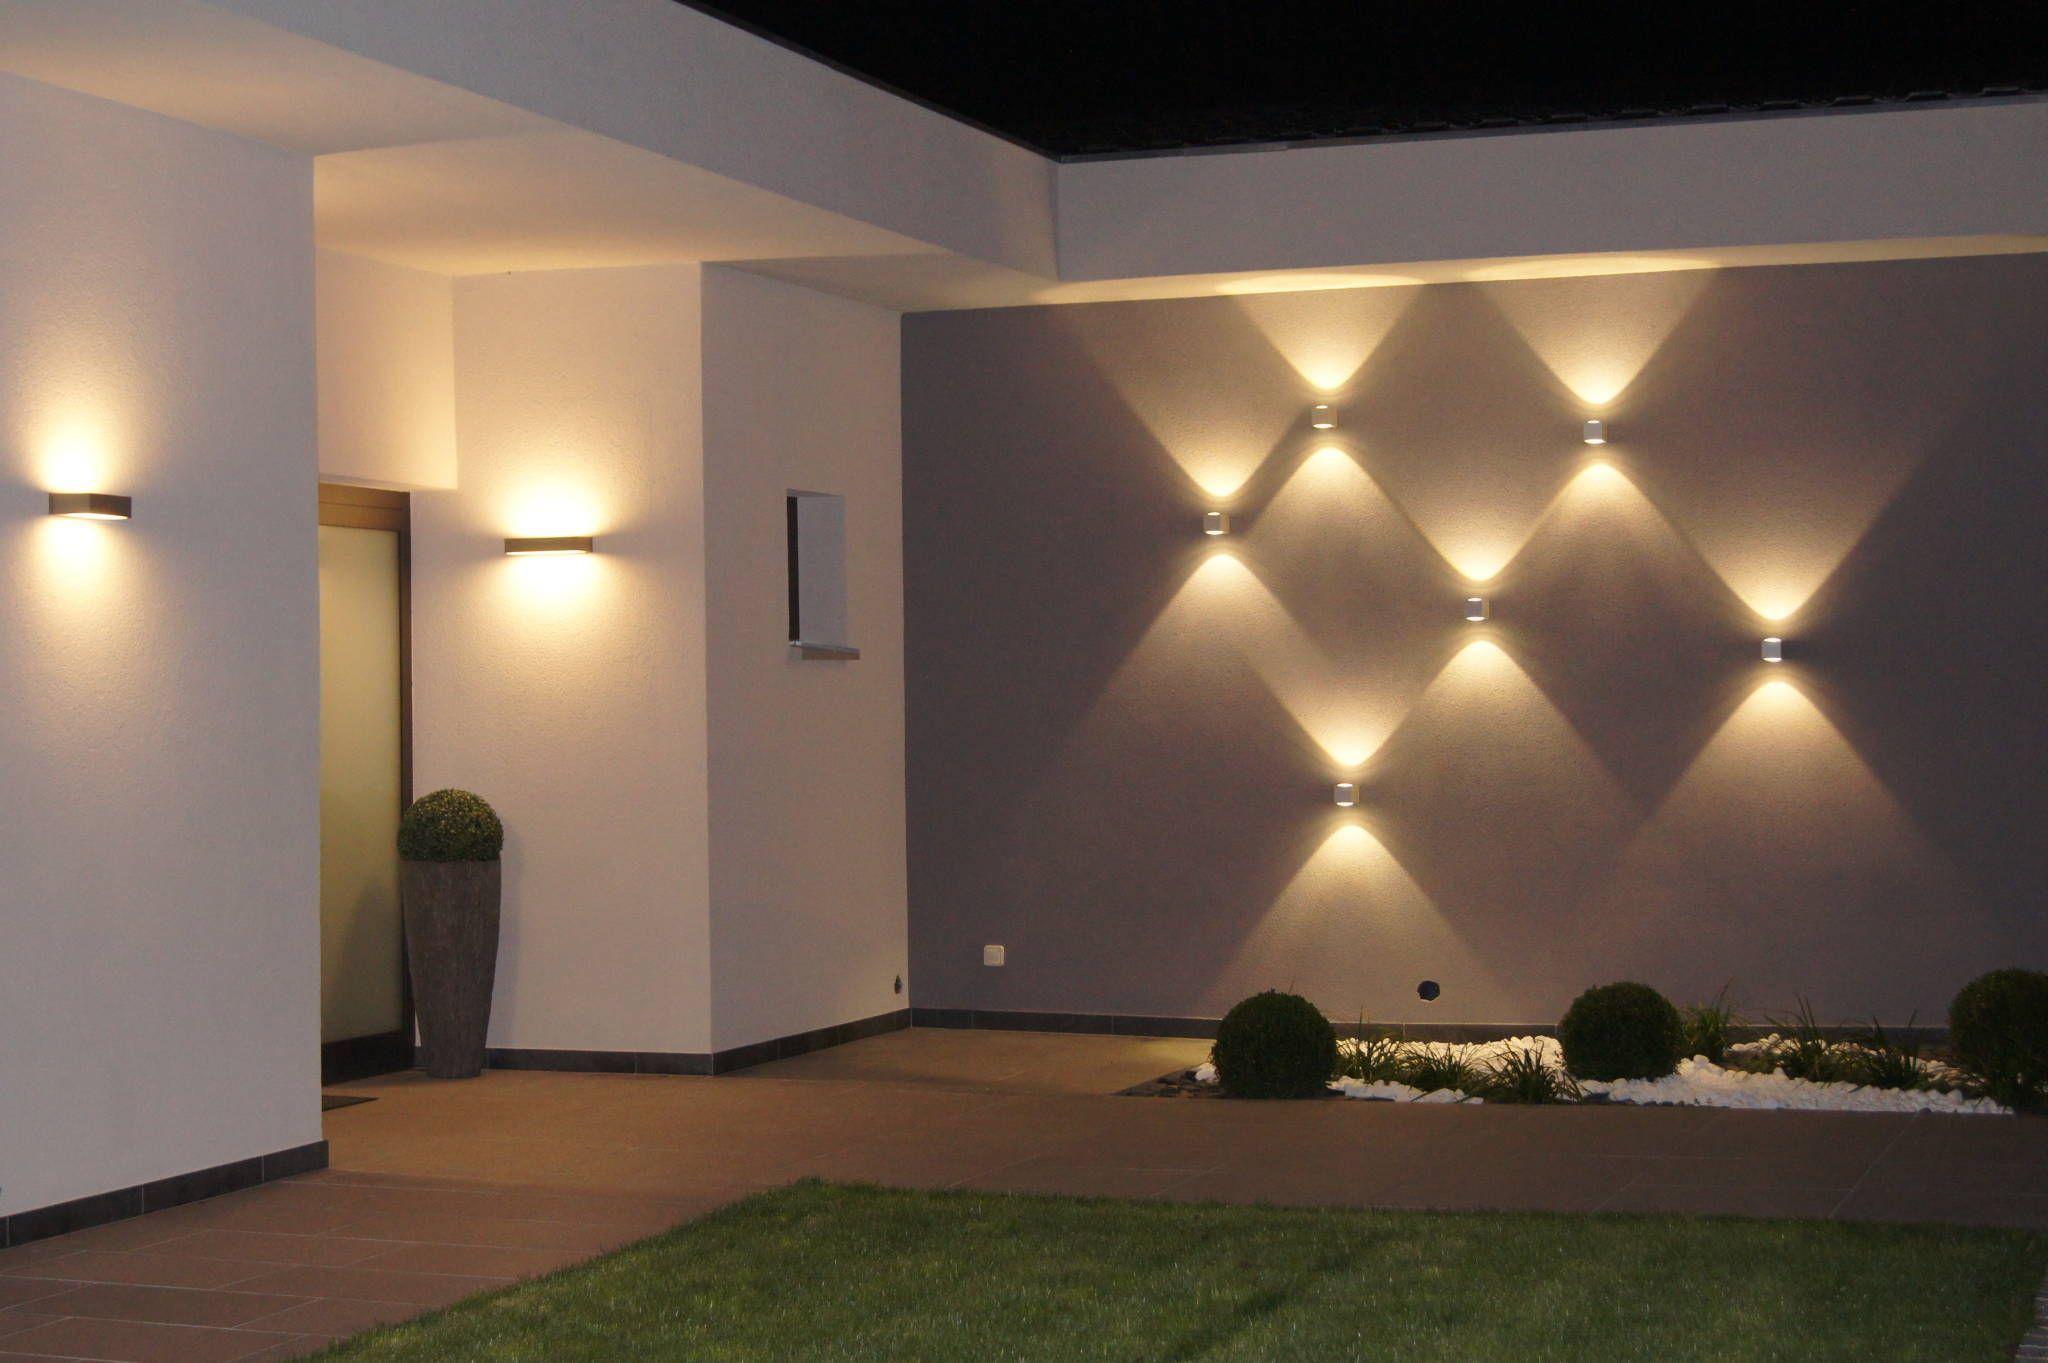 Moderne Lampen 54 : Moderne lampen moderne lampen für wohnzimmer zum ziemlich